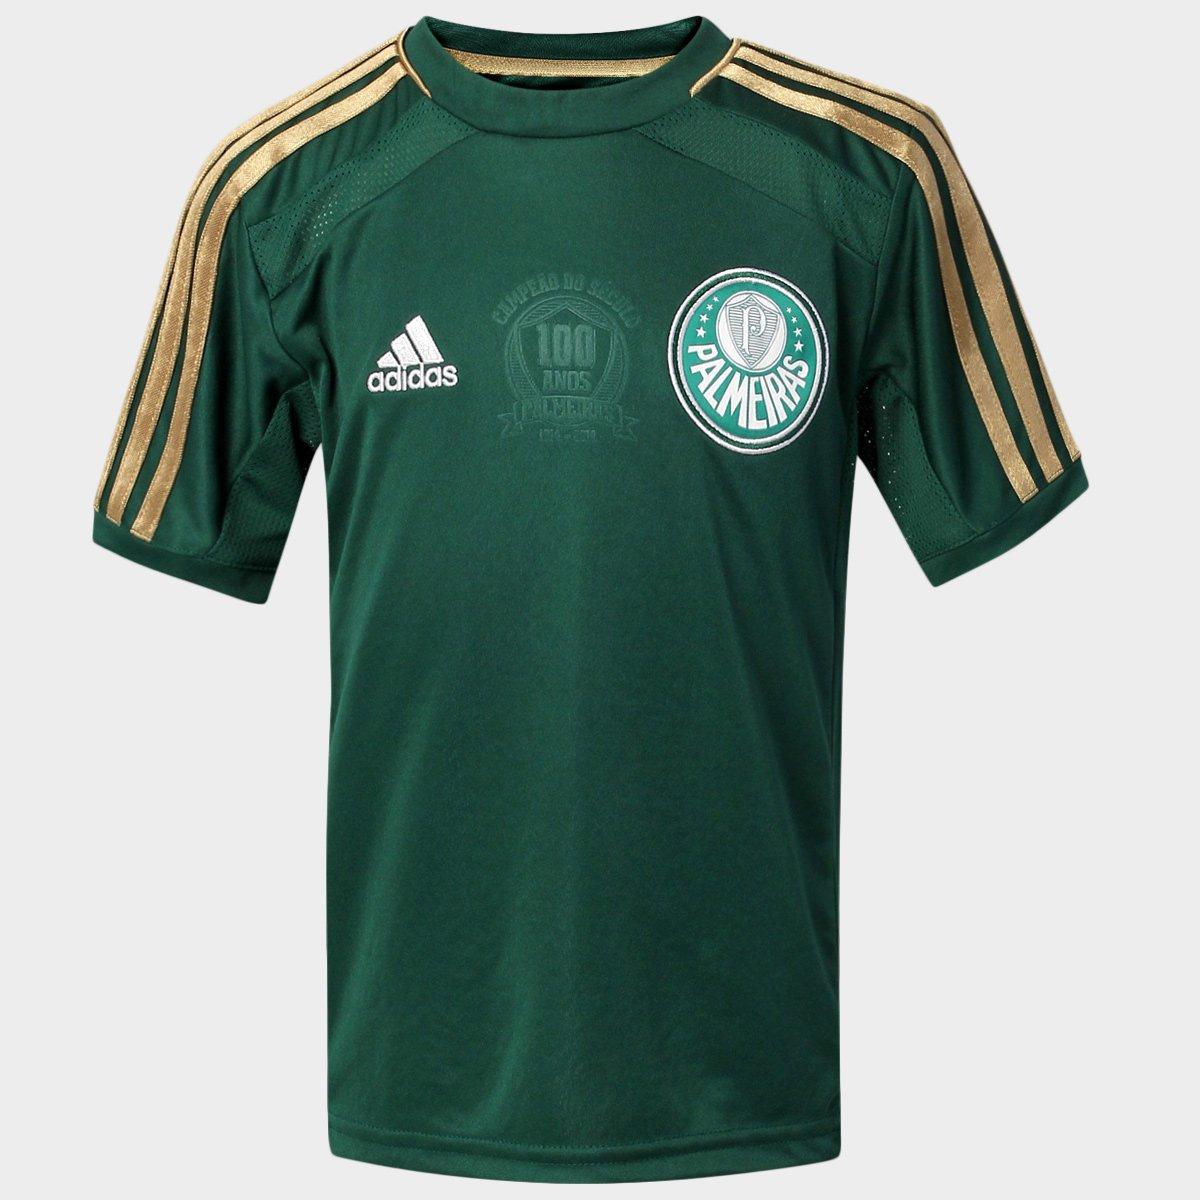 5f6386d651 Camisa Adidas Palmeiras I 14 15 s nº Infantil - Compre Agora